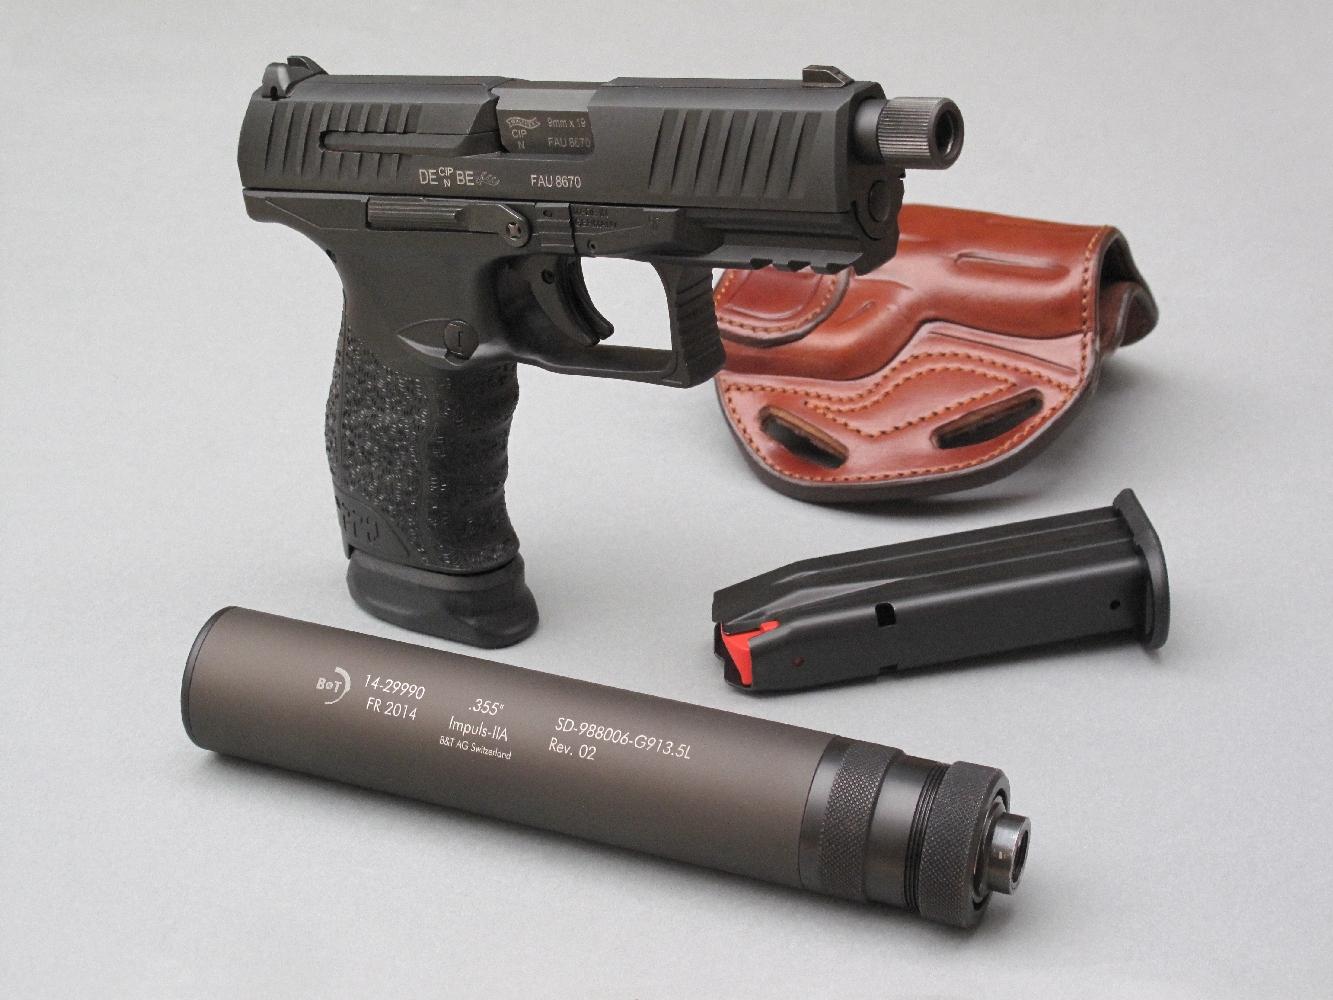 S'il conserve globalement la silhouette du modèle P99, le Walther PPQ ne s'en démarque pas moins par un grand nombre de modifications destinées à simplifier et améliorer son utilisation.